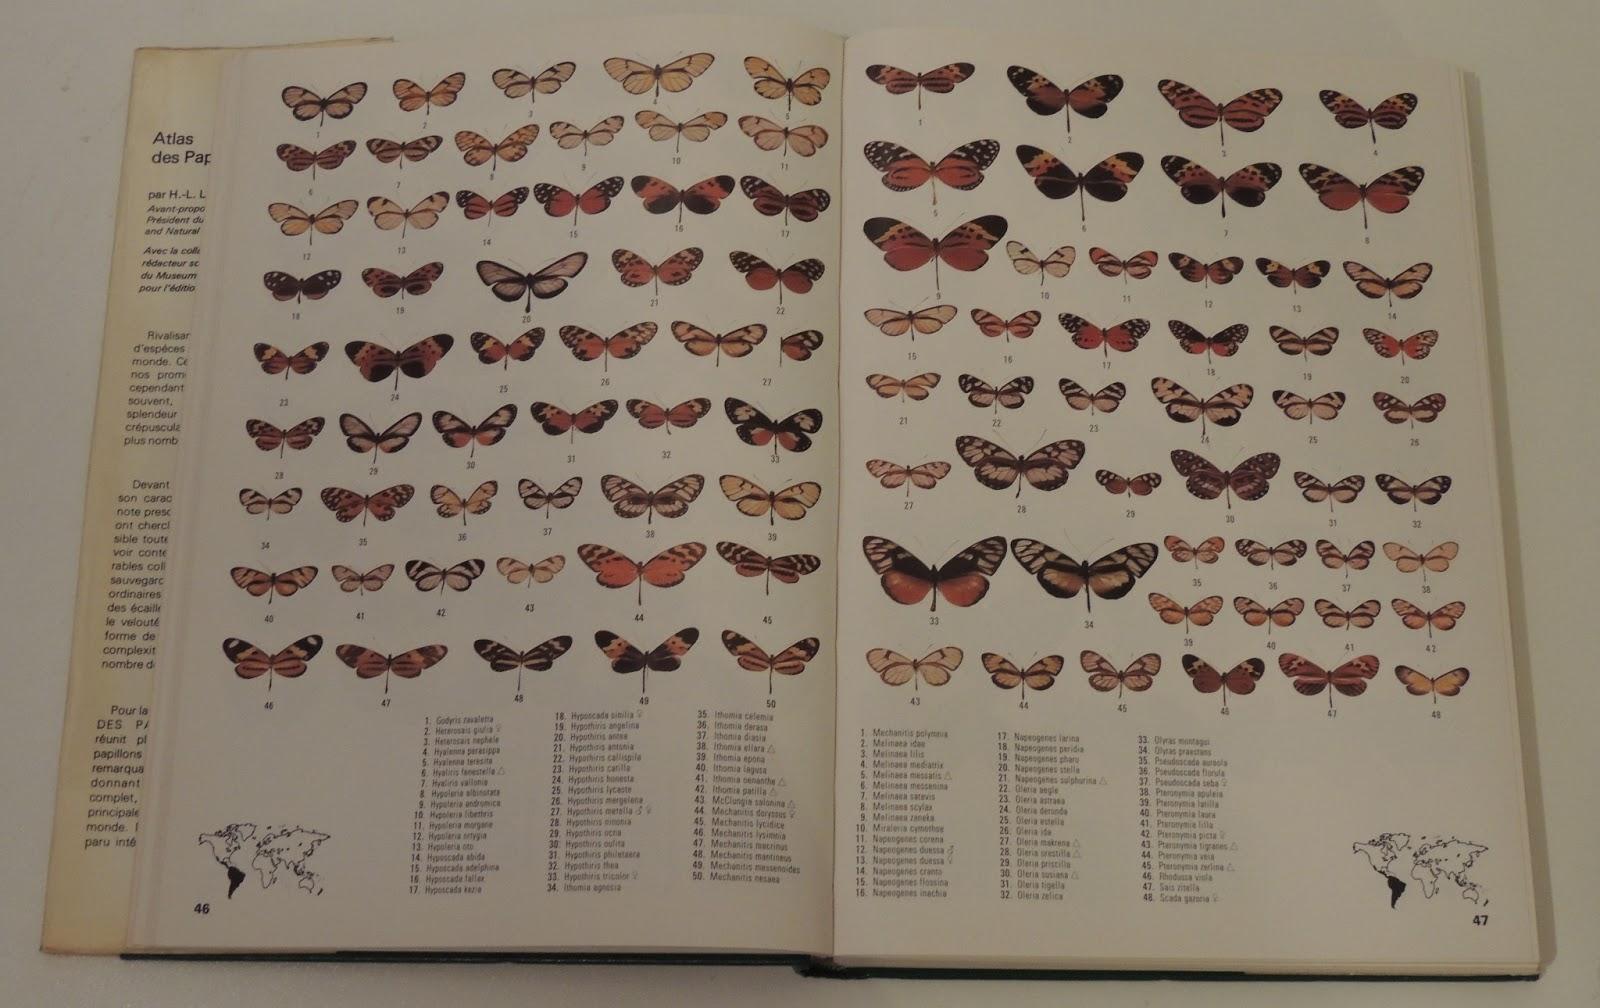 Atlas des papillons du monde